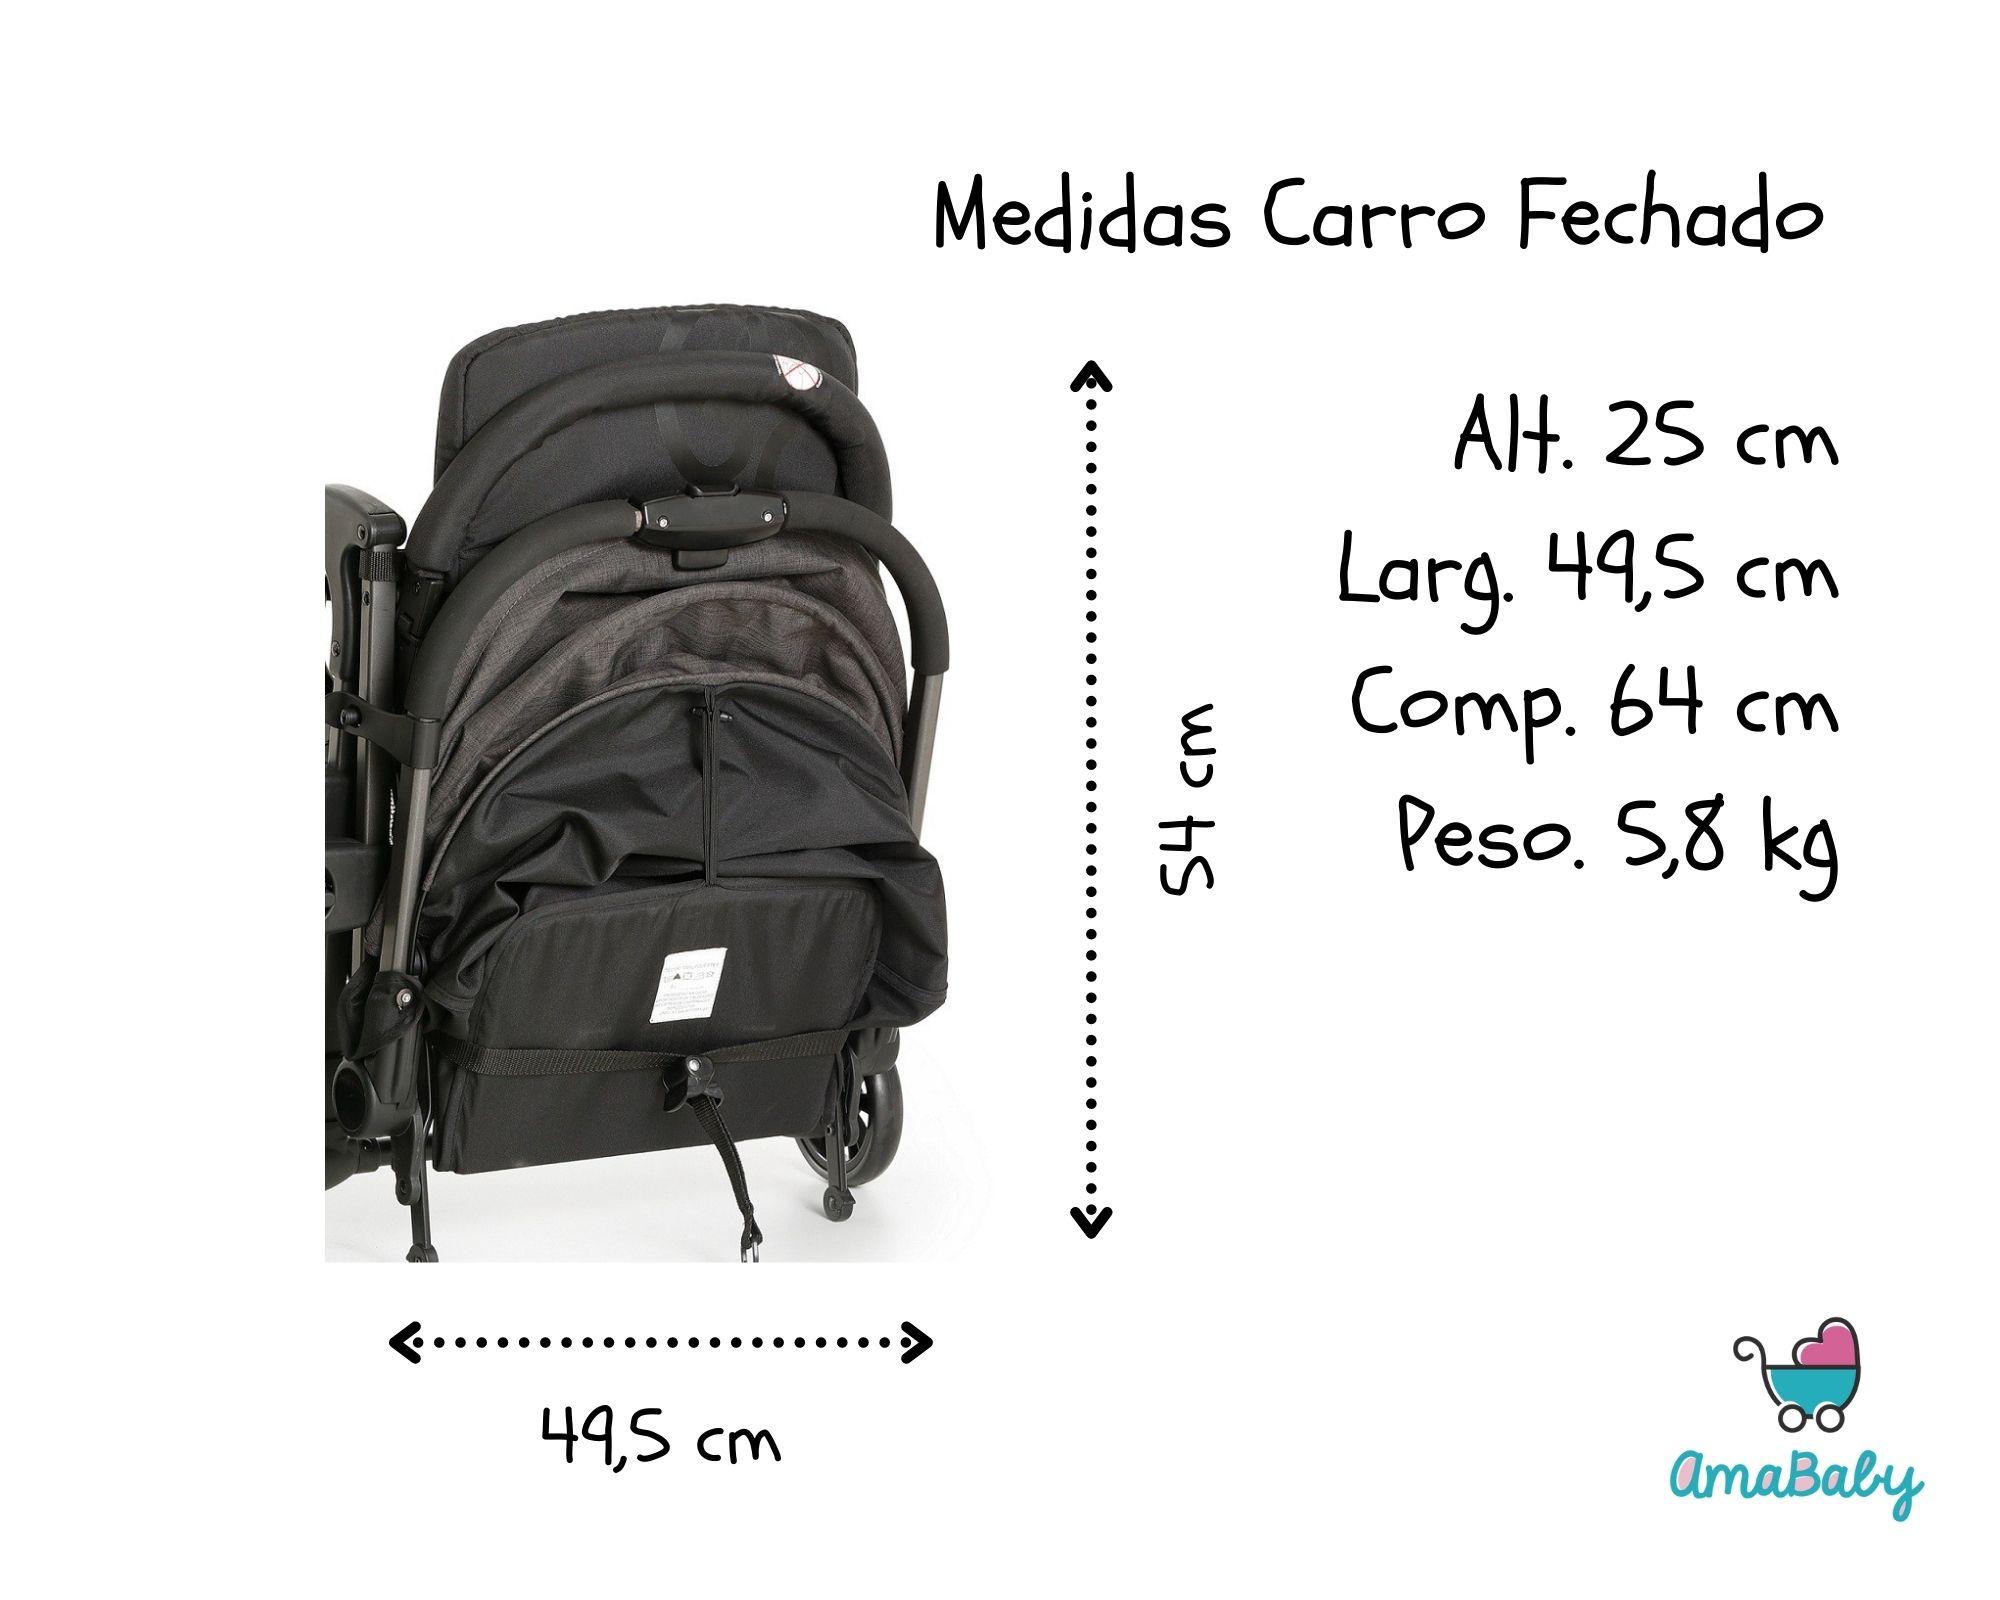 Travel System Carrinho Bebe Duolee com Bebe Conforto Preto Galzerano